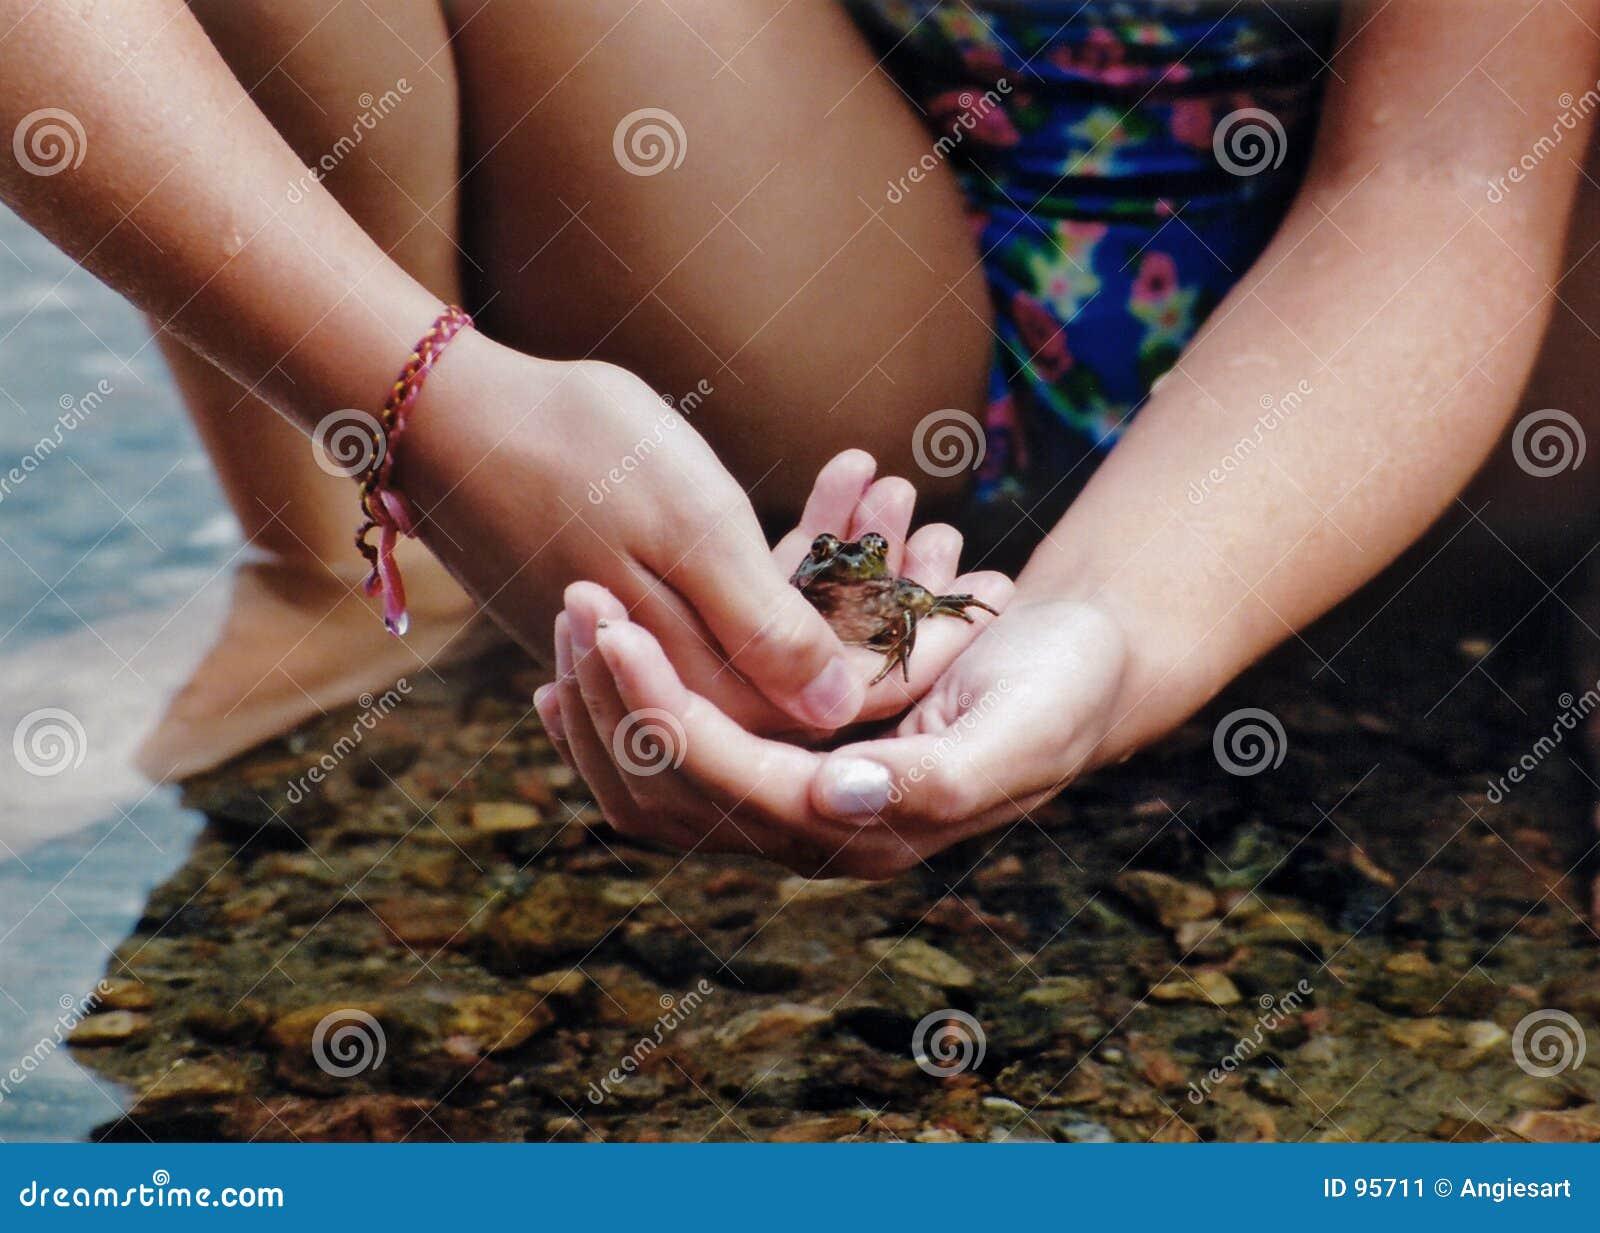 barre gentle hands massage